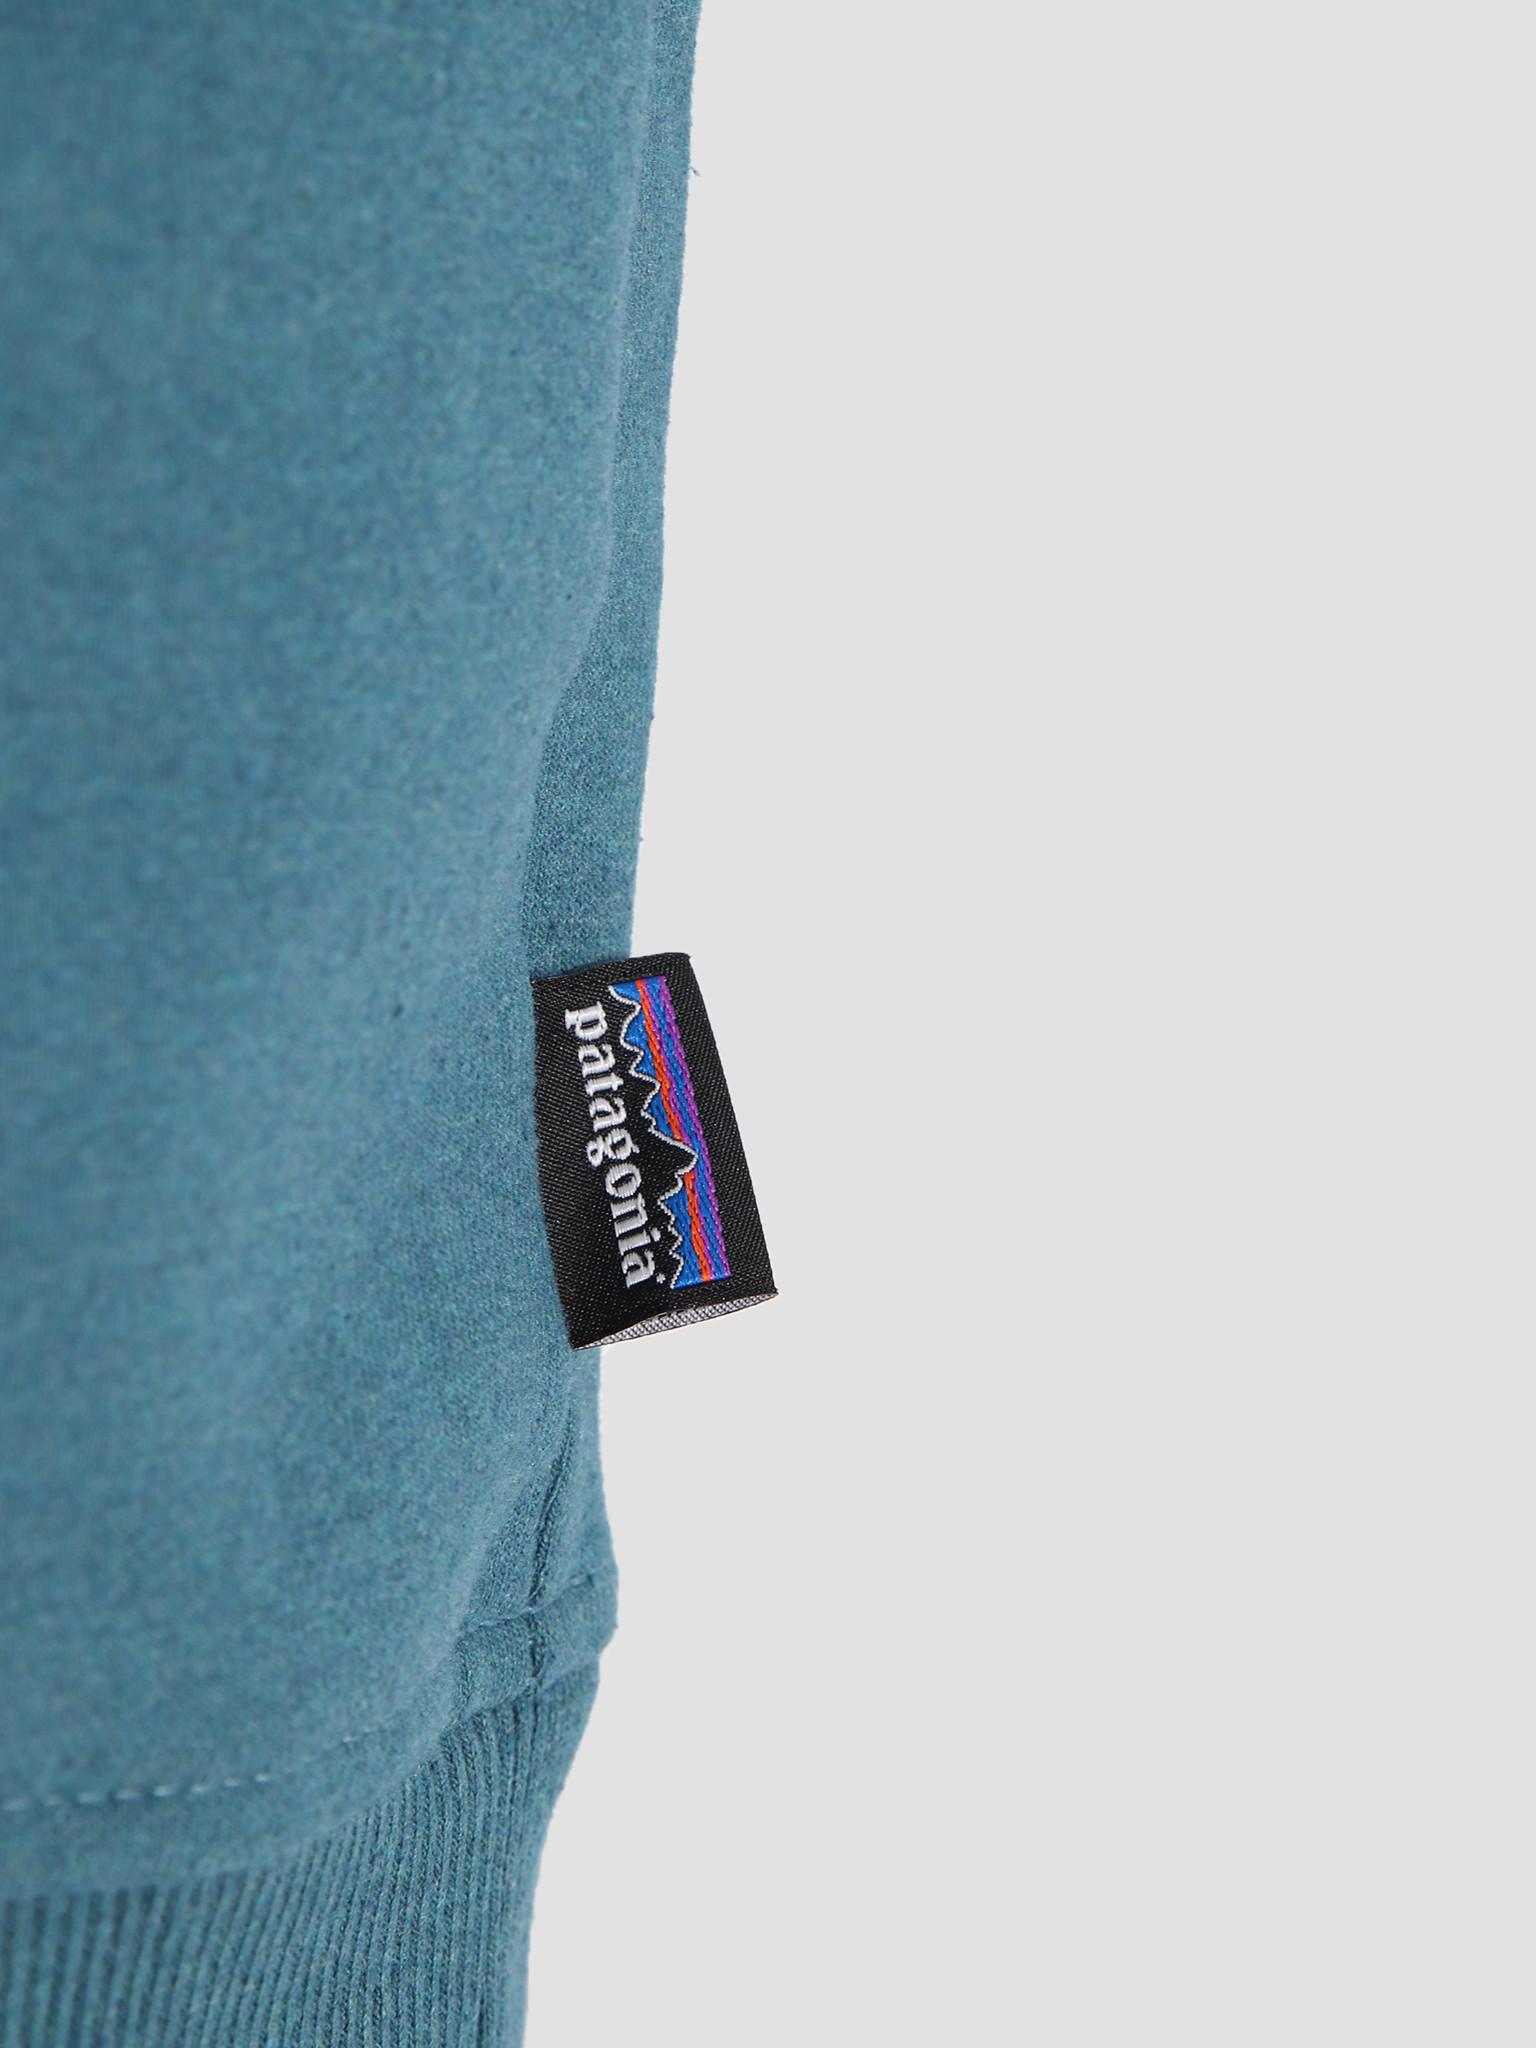 Patagonia Patagonia Shop Sticker Patch Uprisal Crew Sweatshirt Tasmanian Teal 39541